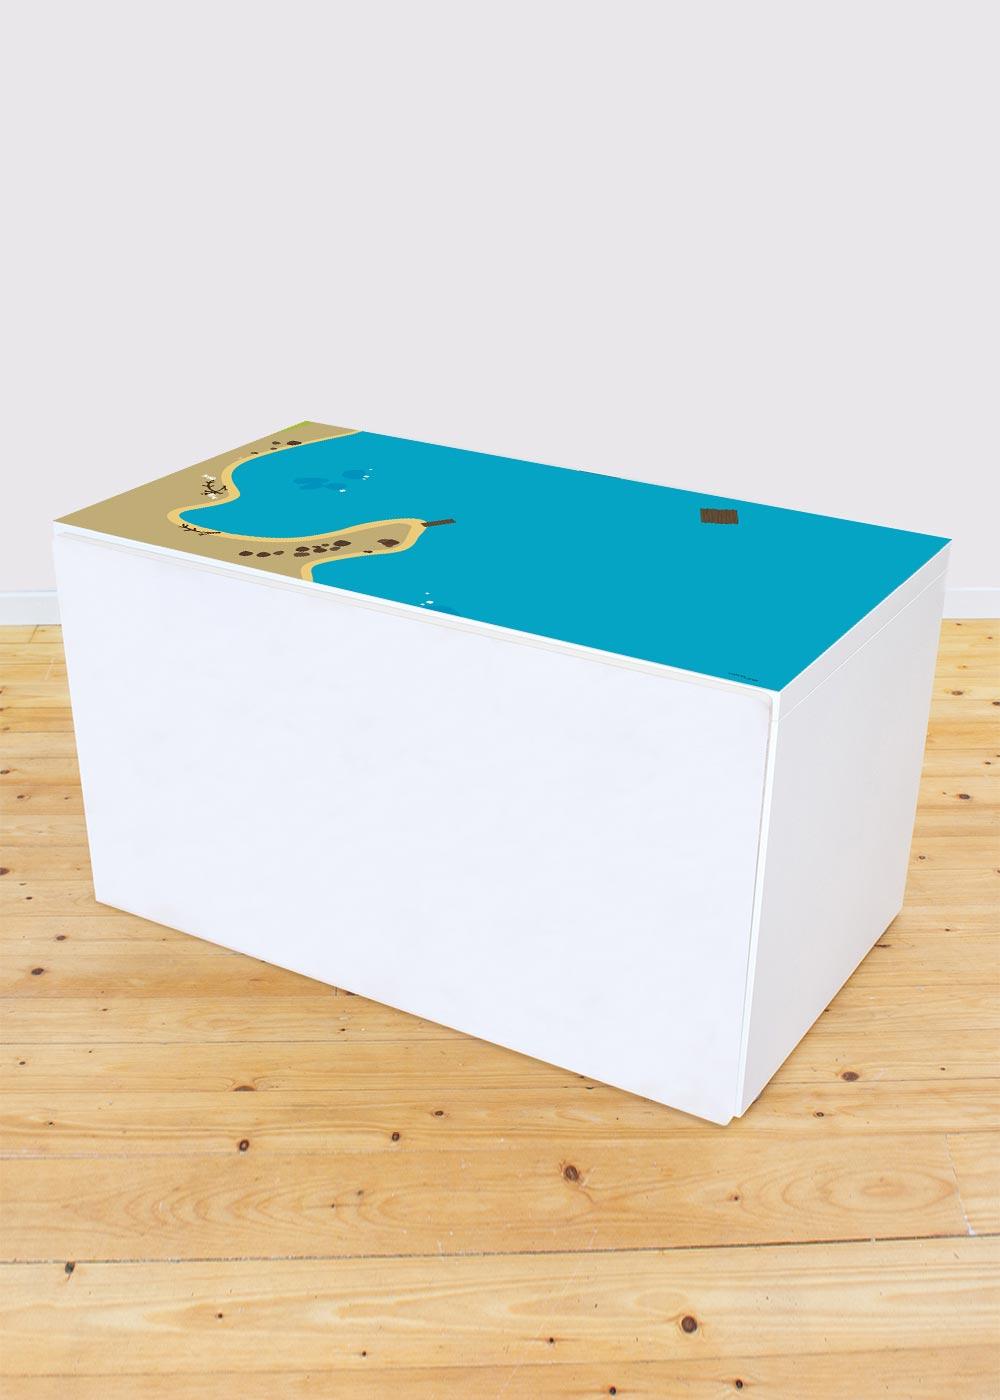 Ikea Smastad Bank Wasserreich Gesamtansicht